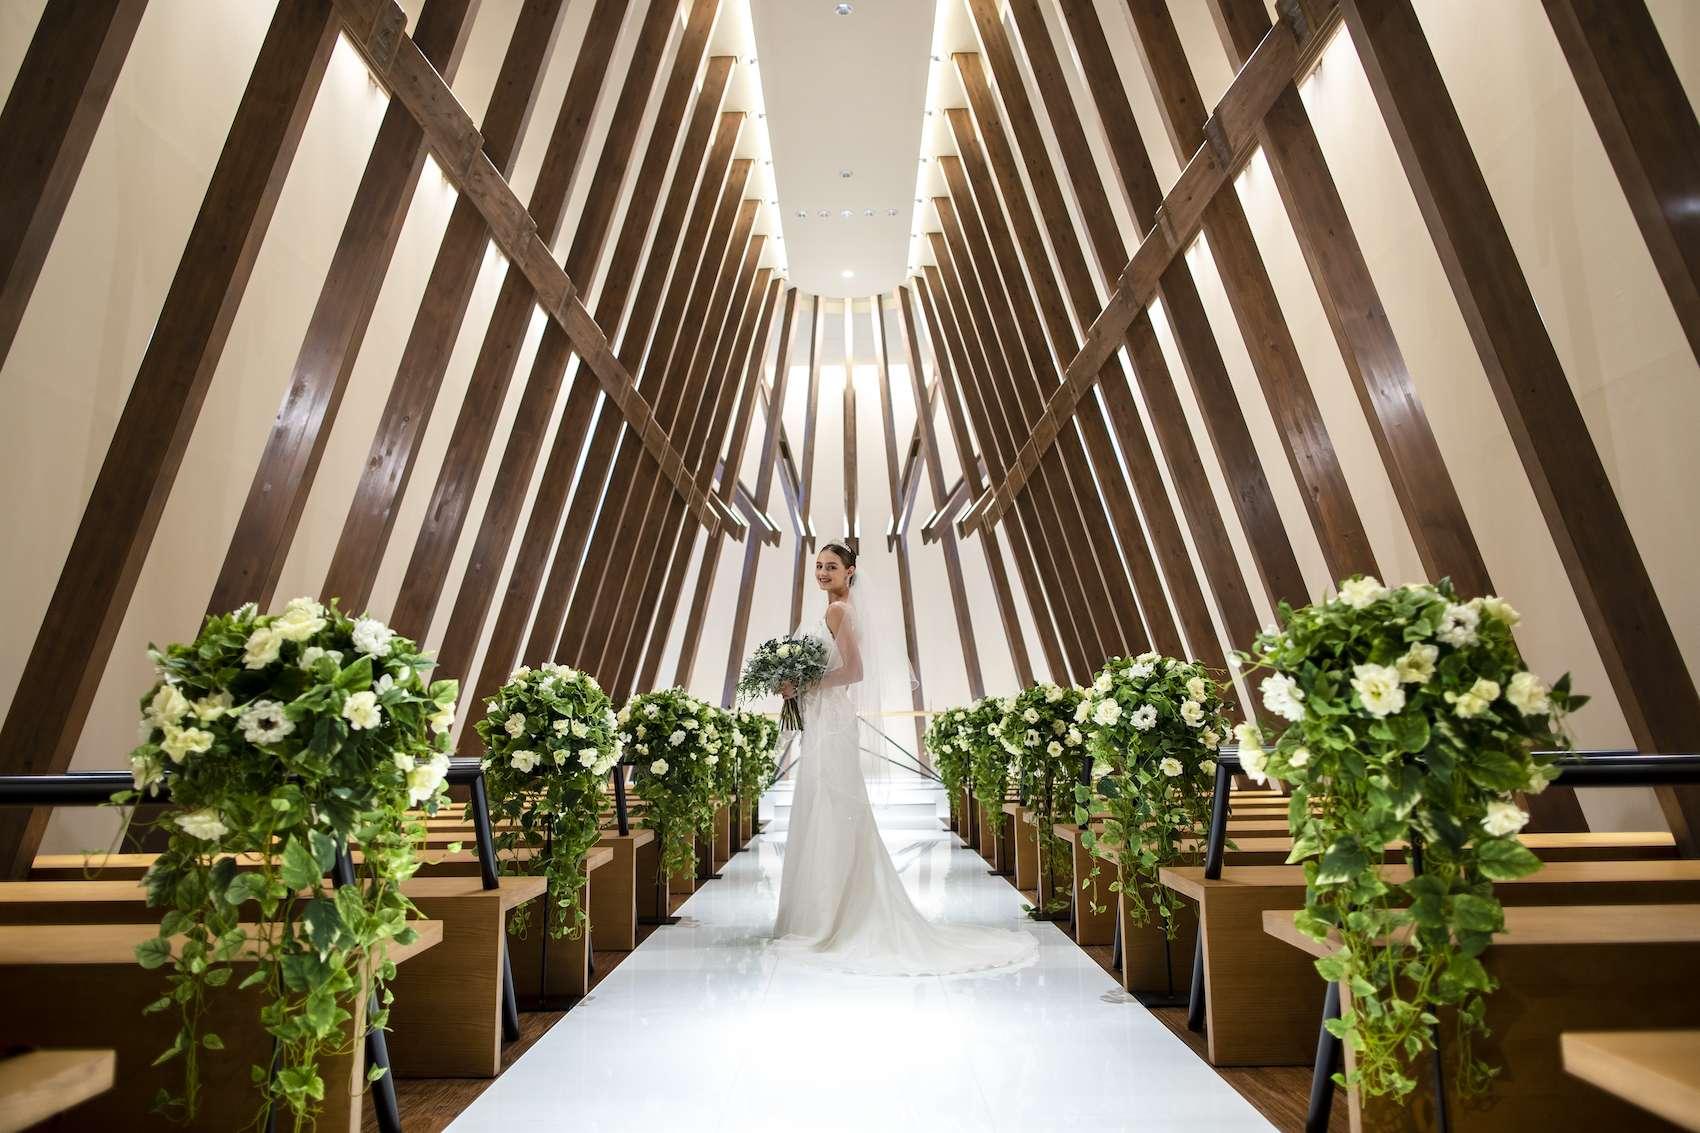 香川県高松市の結婚式場アナザースタイルの神聖なチャペル